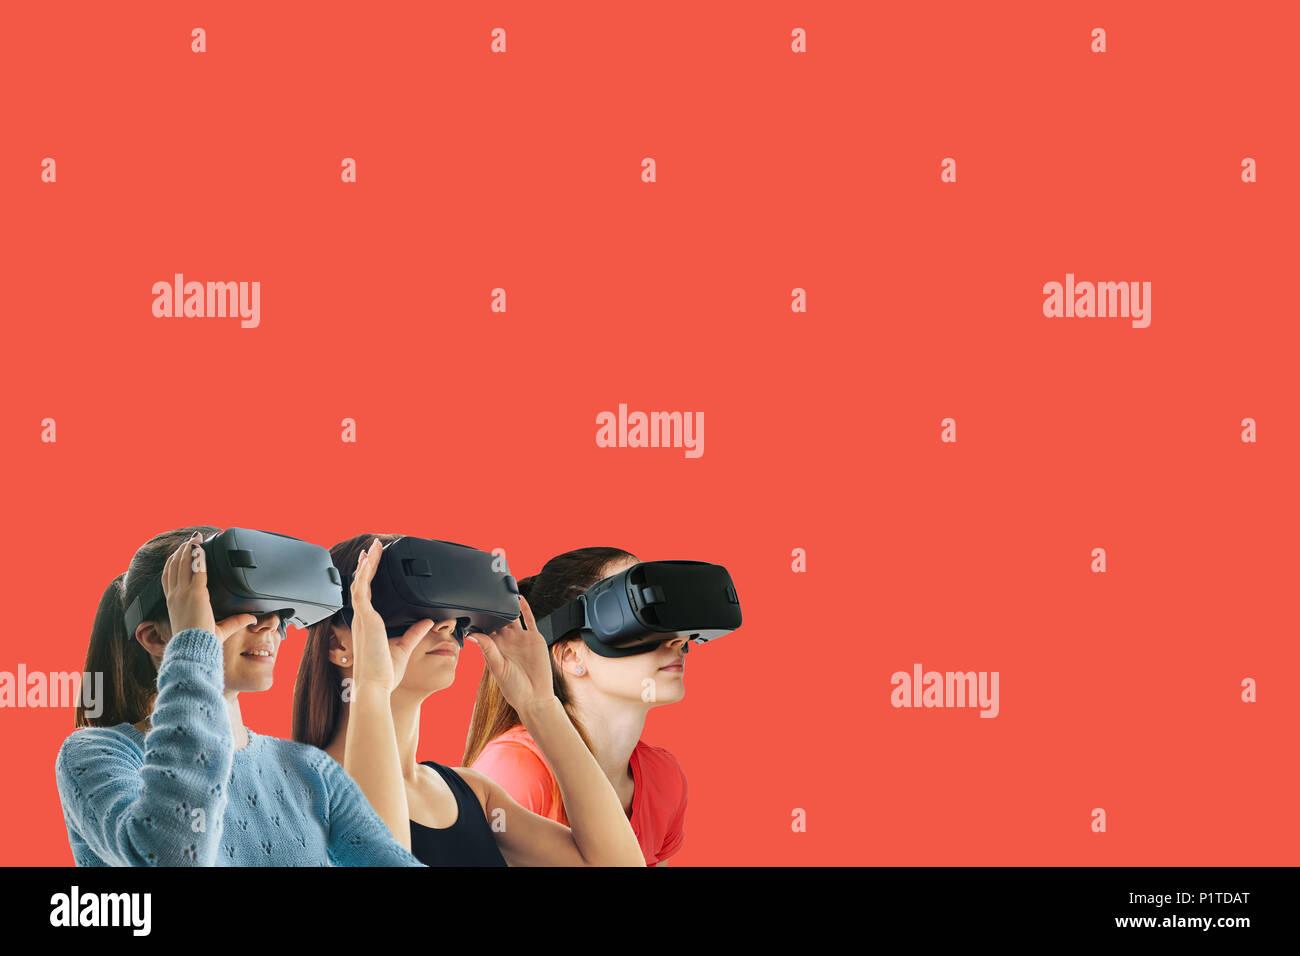 Jóvenes muchachas hermosas en gafas de realidad virtual. El concepto de las tecnologías modernas y las tecnologías del futuro. Gafas VR Imagen De Stock